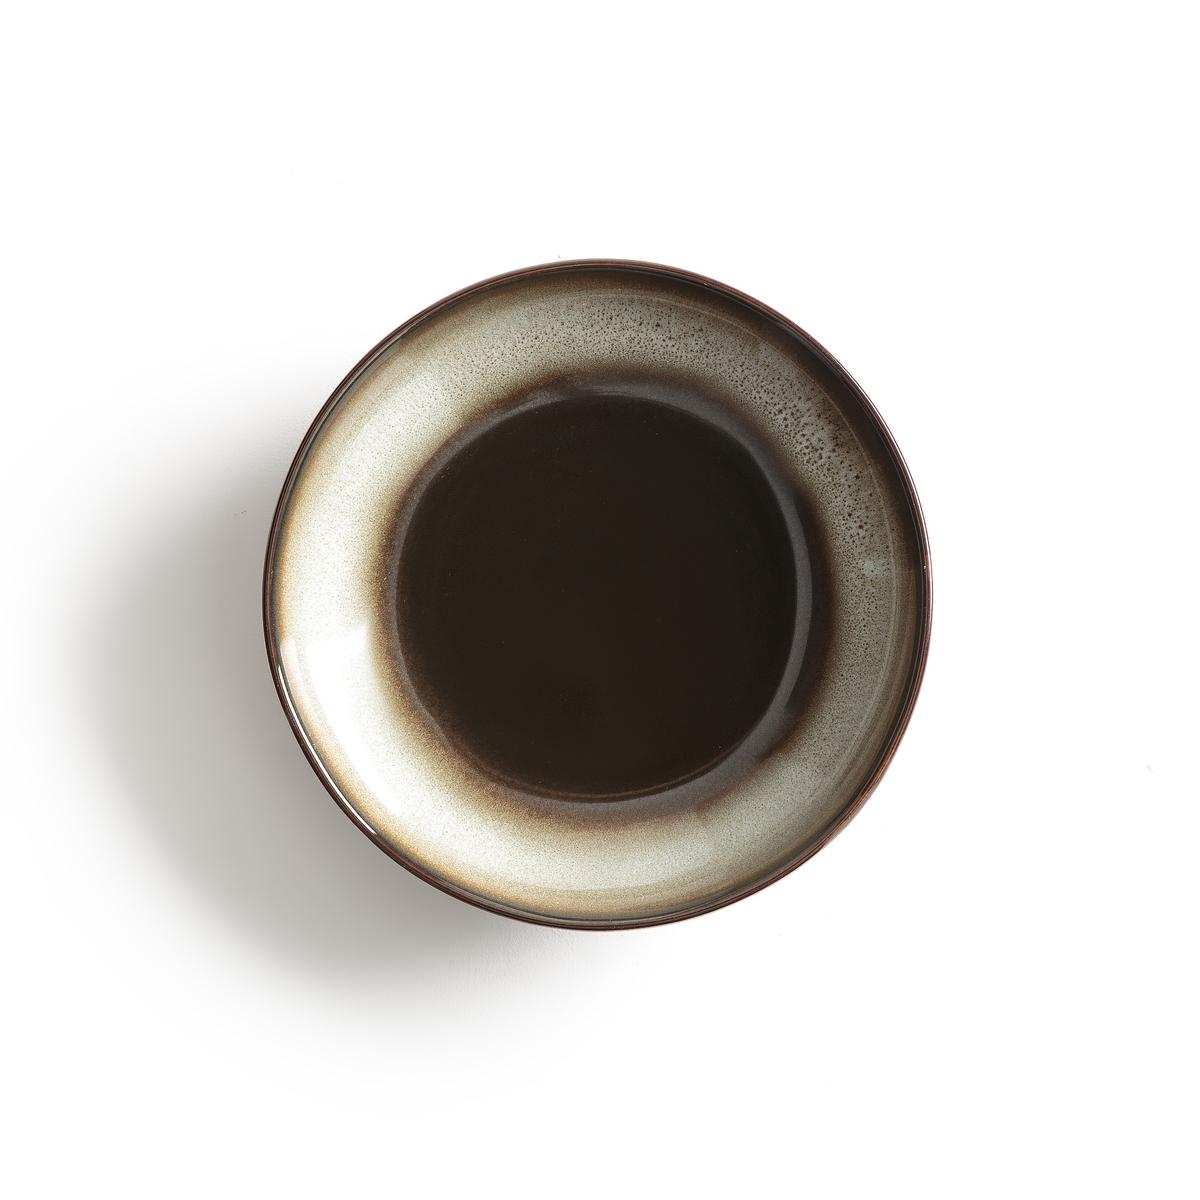 Комплект из 4 глубоких тарелок из керамики Tadefi 4 тарелки мелкие фарфоровые shigoni